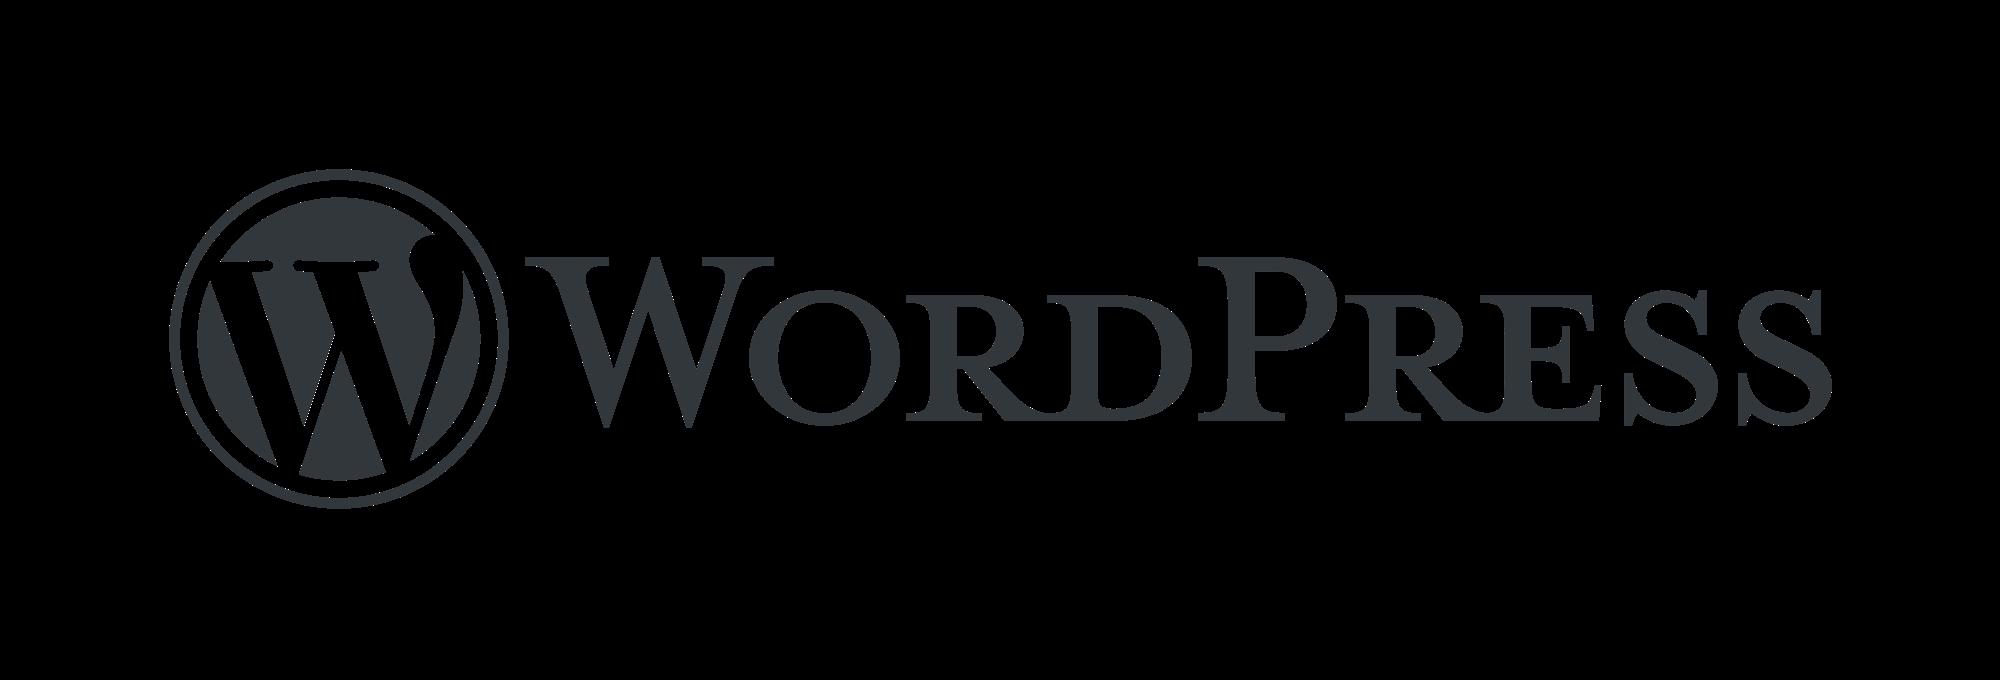 WordPress-logotype-standard.png